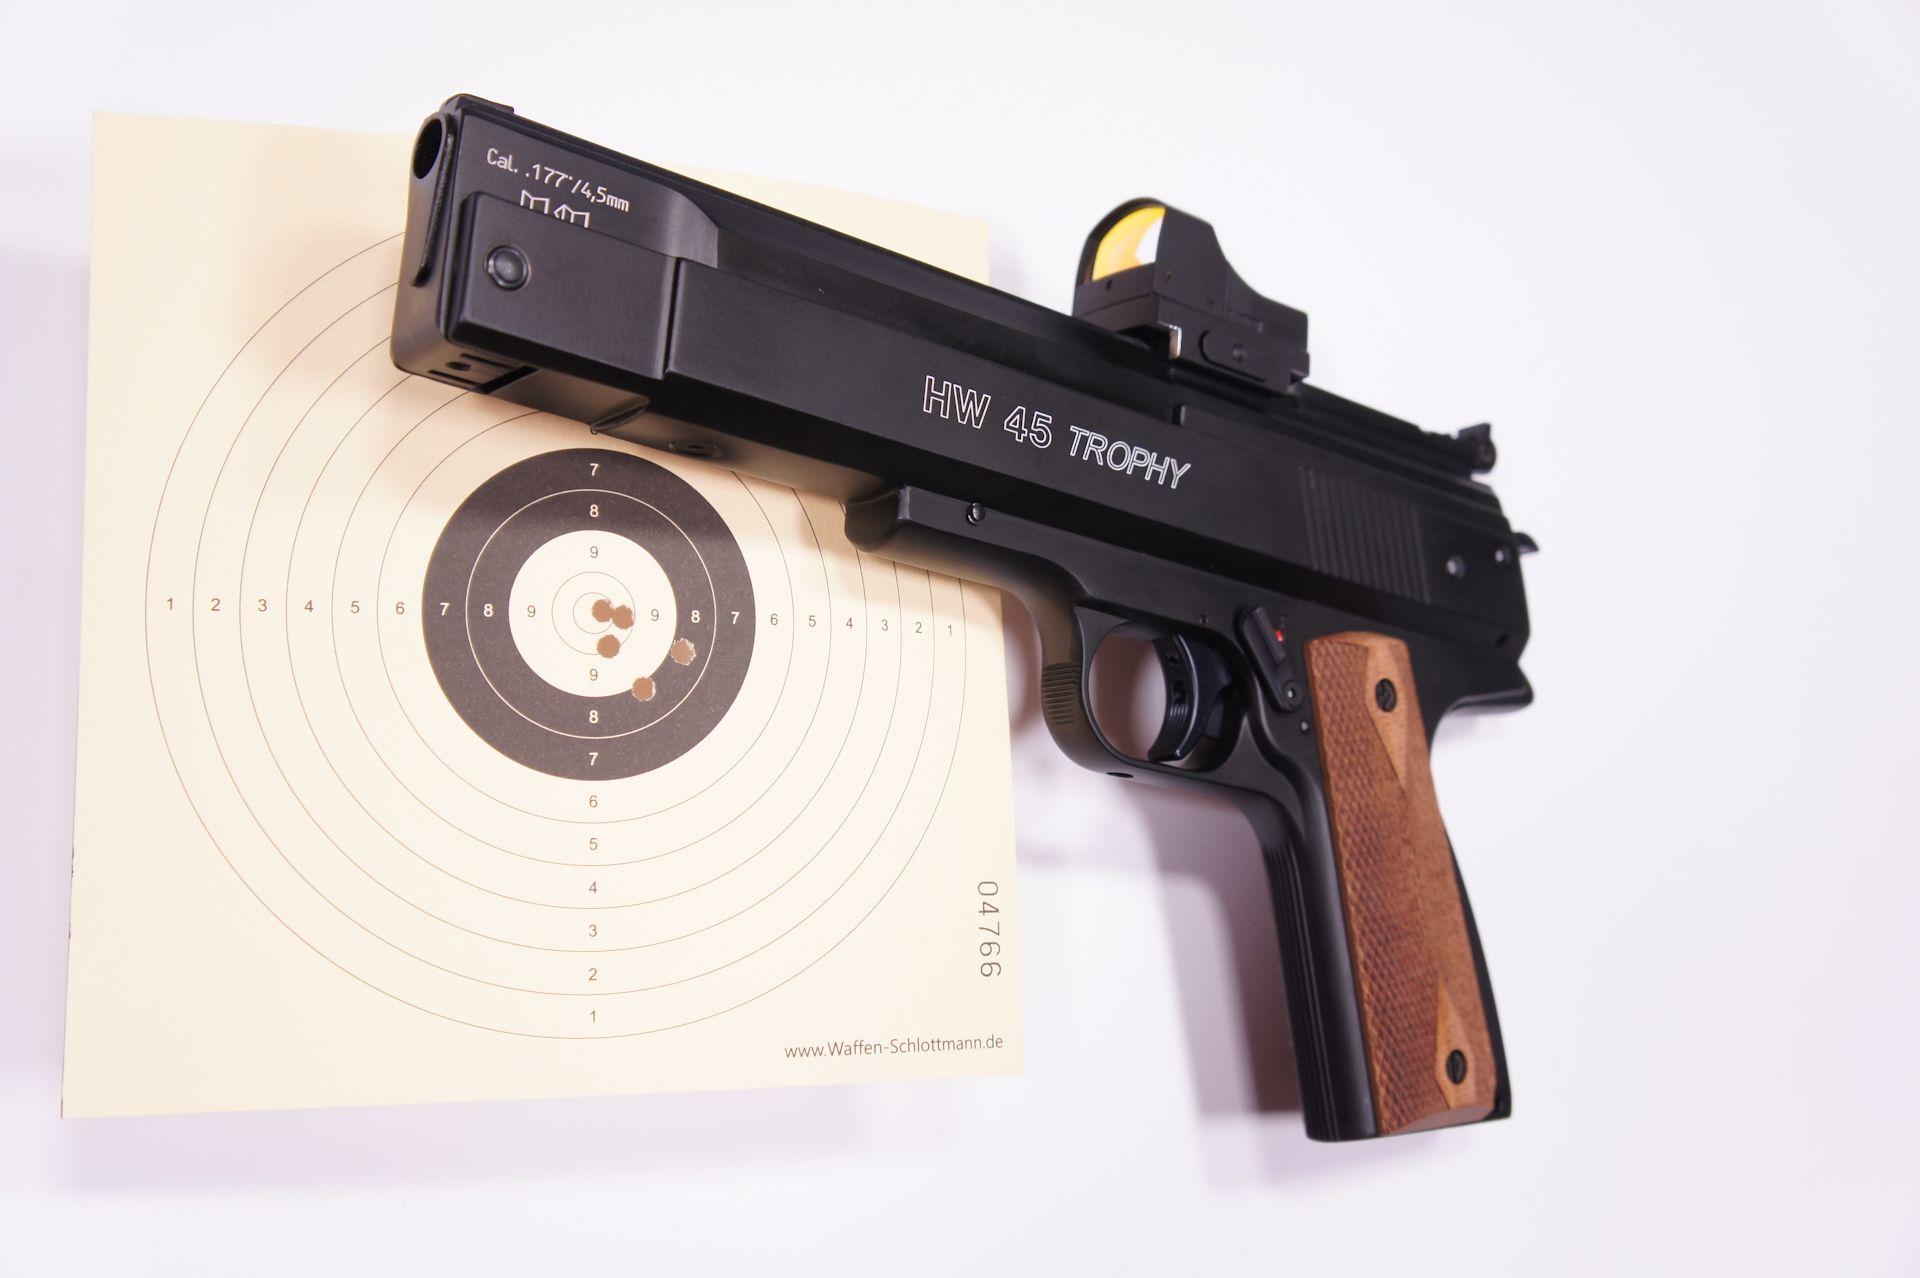 Wer komplett kauft, bekommt die Weihrauch Pistole und Optik fertig eingeschossen geliefert.Montagebeispiel vom angepassten Reflexvisier auf einer <a href=1160070-45.htm> Luftpistole HW 45 Trophy</a>. Nur an die HW 45 Modelle <a href=1160072-45.htm> Target </a>und <a href=1160070-45.htm> Trophy</a> passen solche Visiere nach deren Anpassung direkt und ohne Adapter.